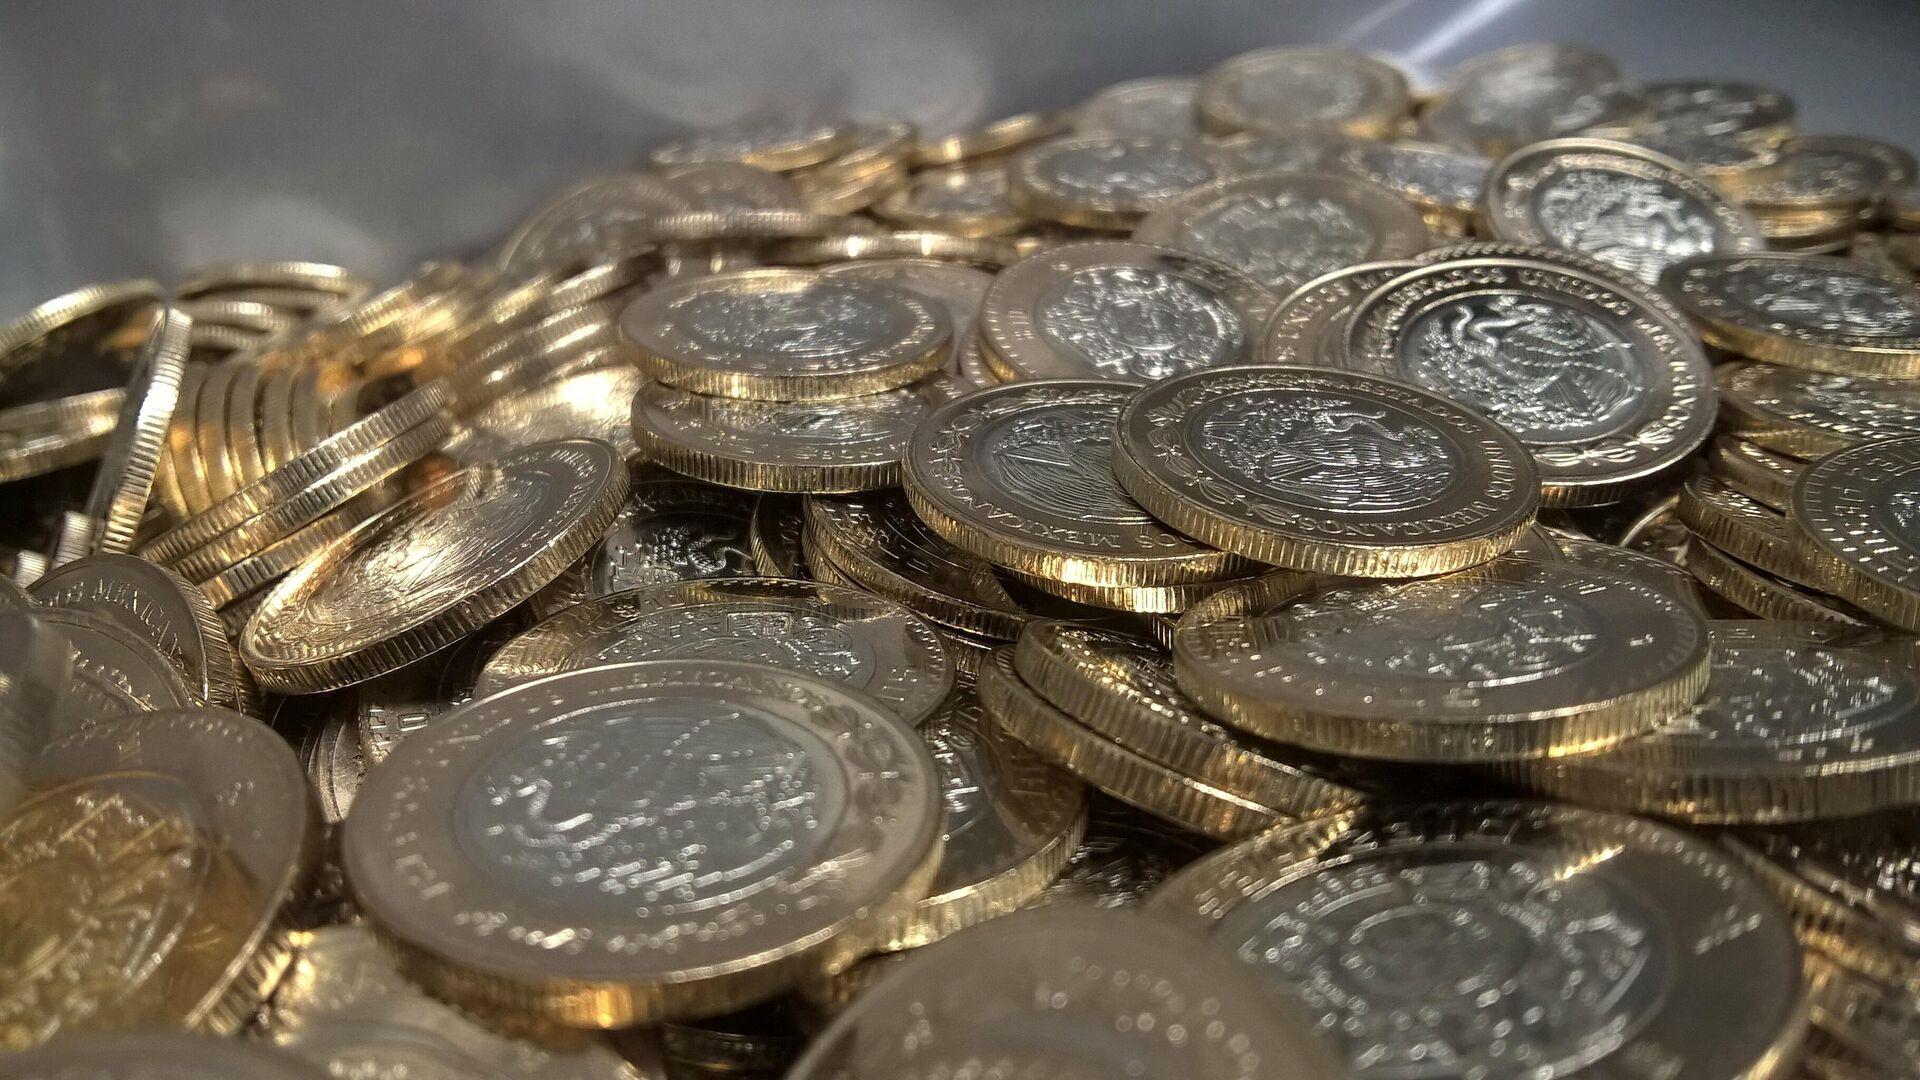 Monedas mexicanas - Sputnik Mundo, 1920, 29.09.2021